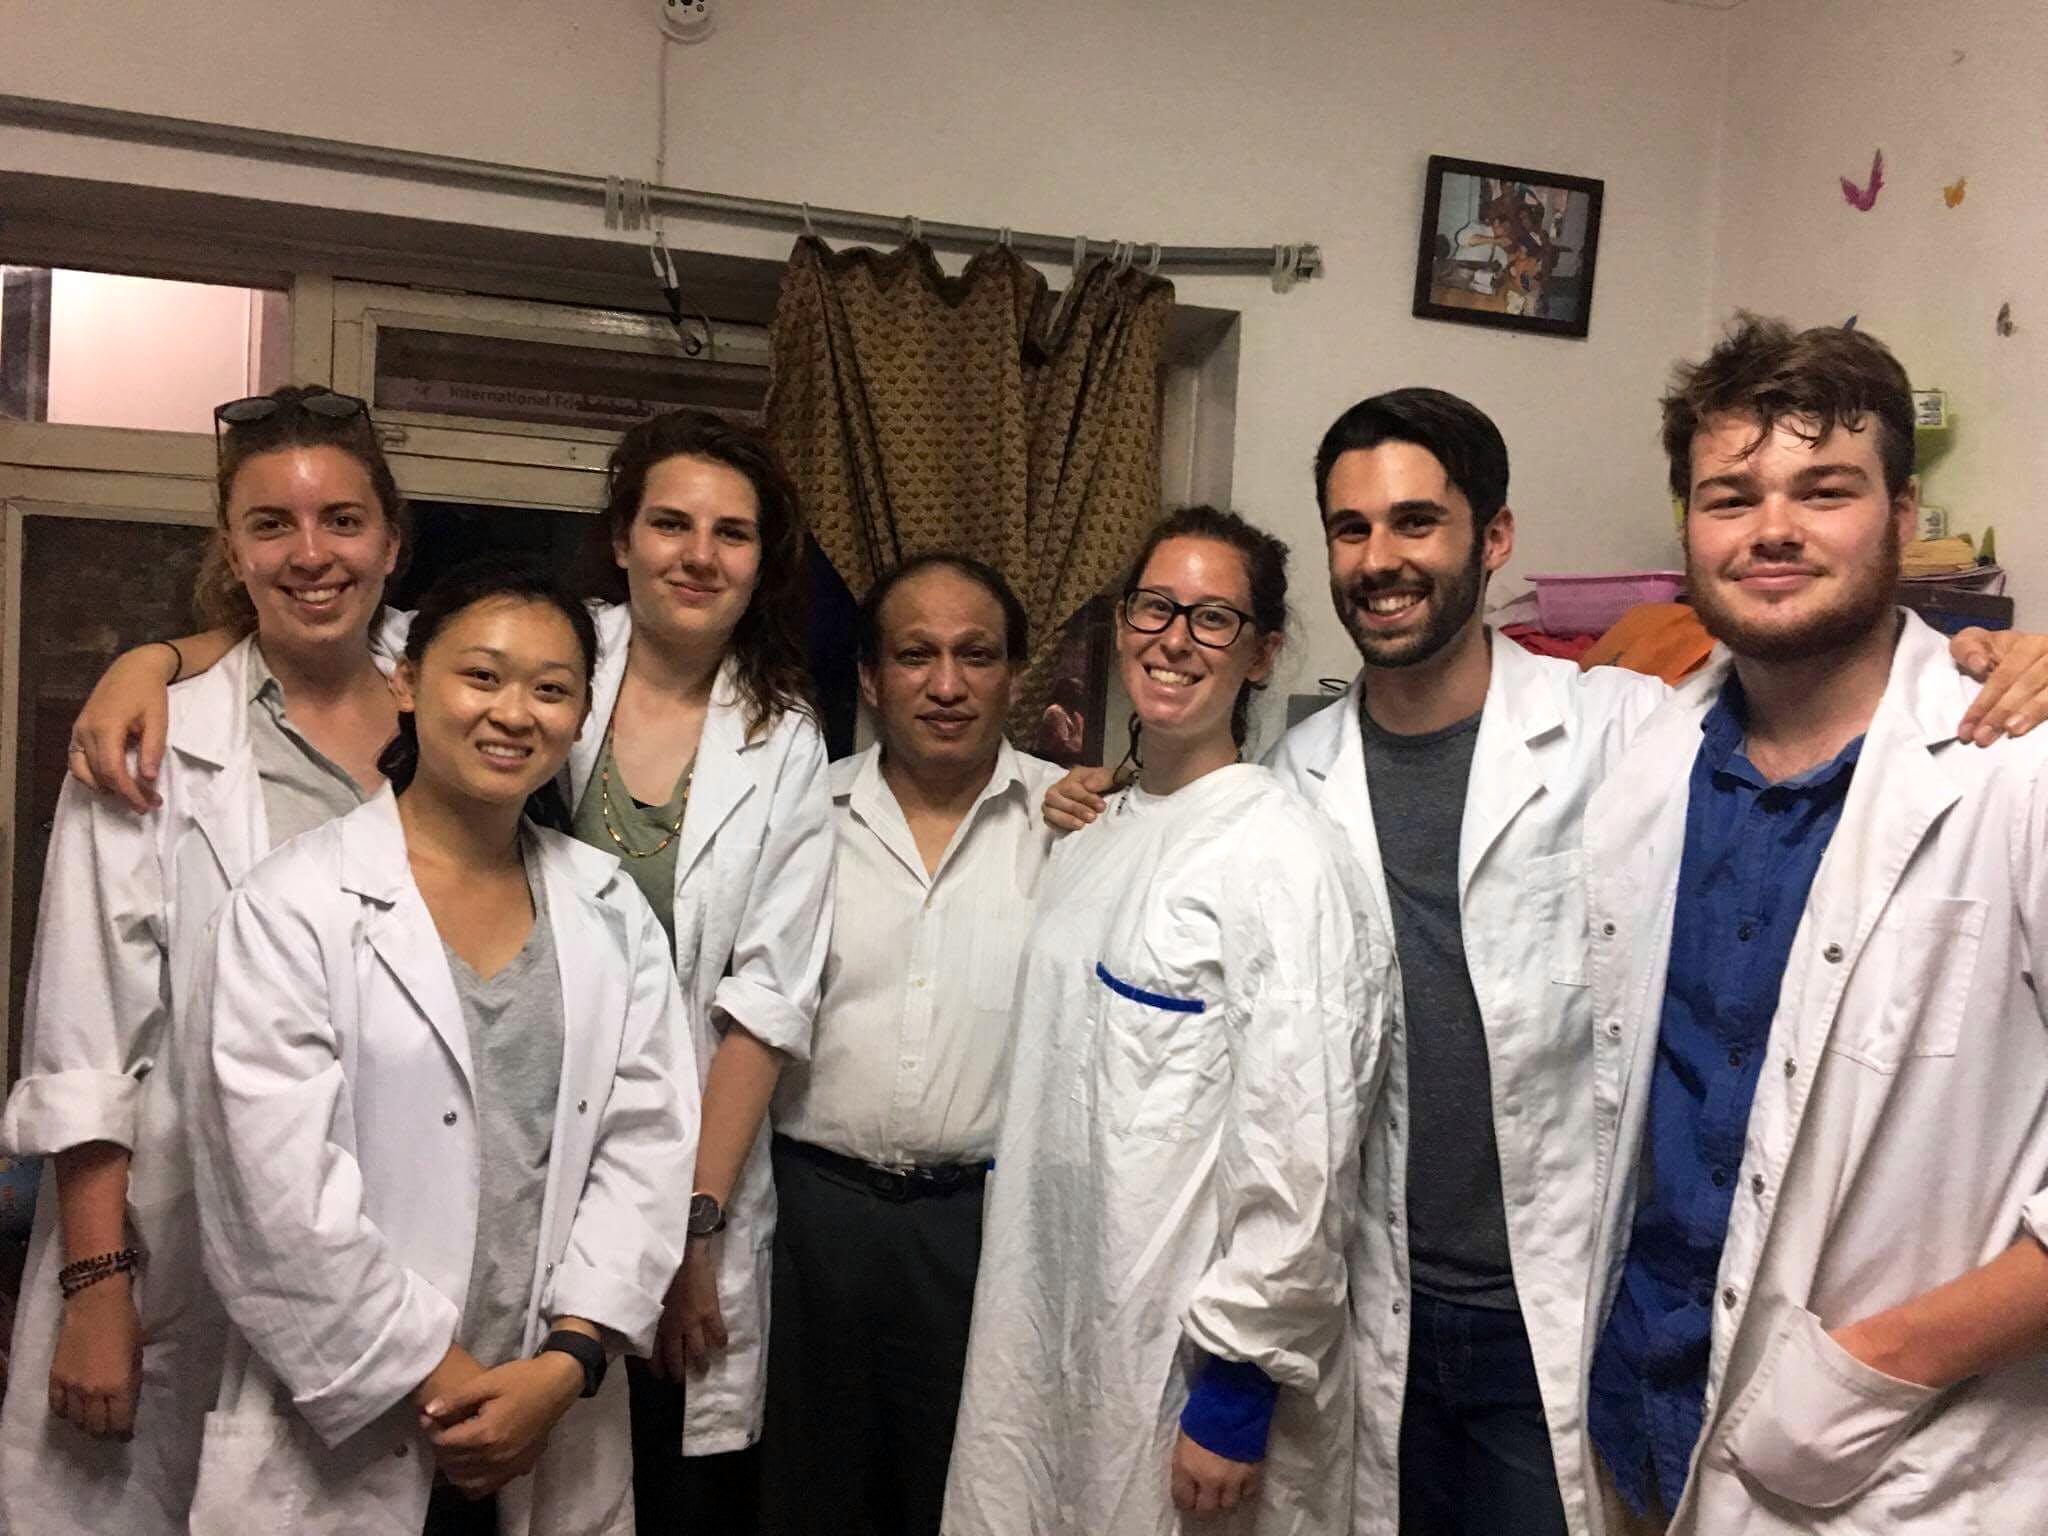 Medical Hospital Internship